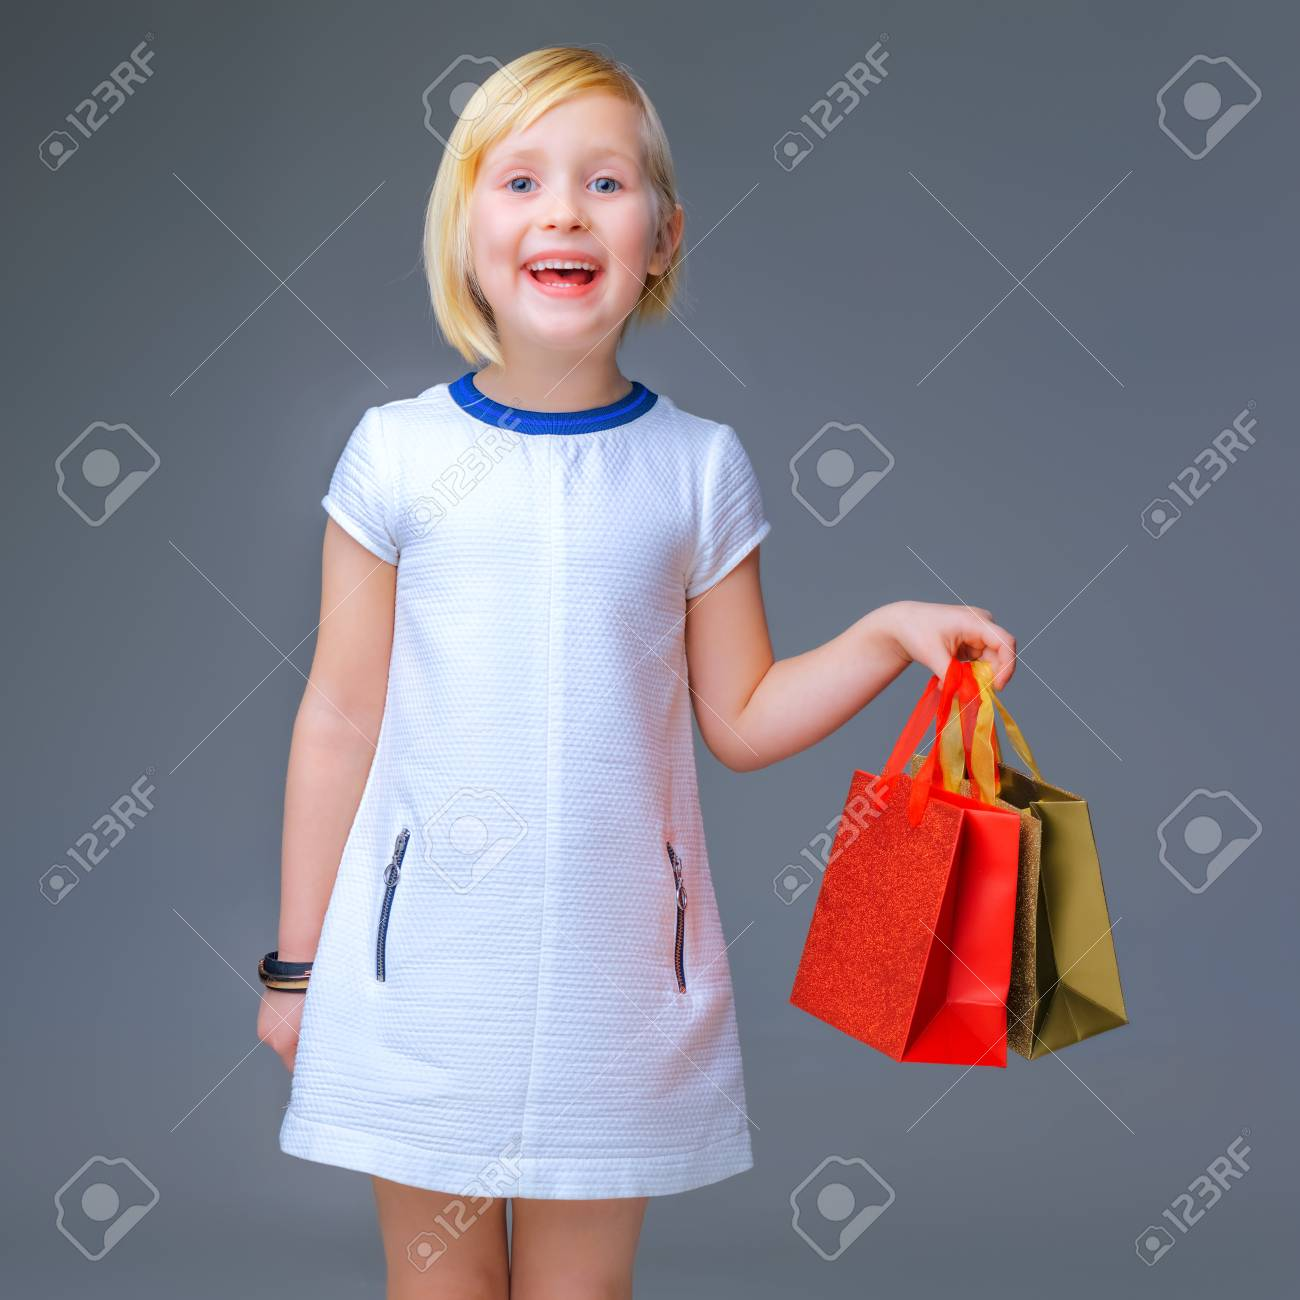 Muchacha Moderna Feliz Niña Moderna En Vestido Blanco Aislado En Gris Mostrando Bolsas De La Compra